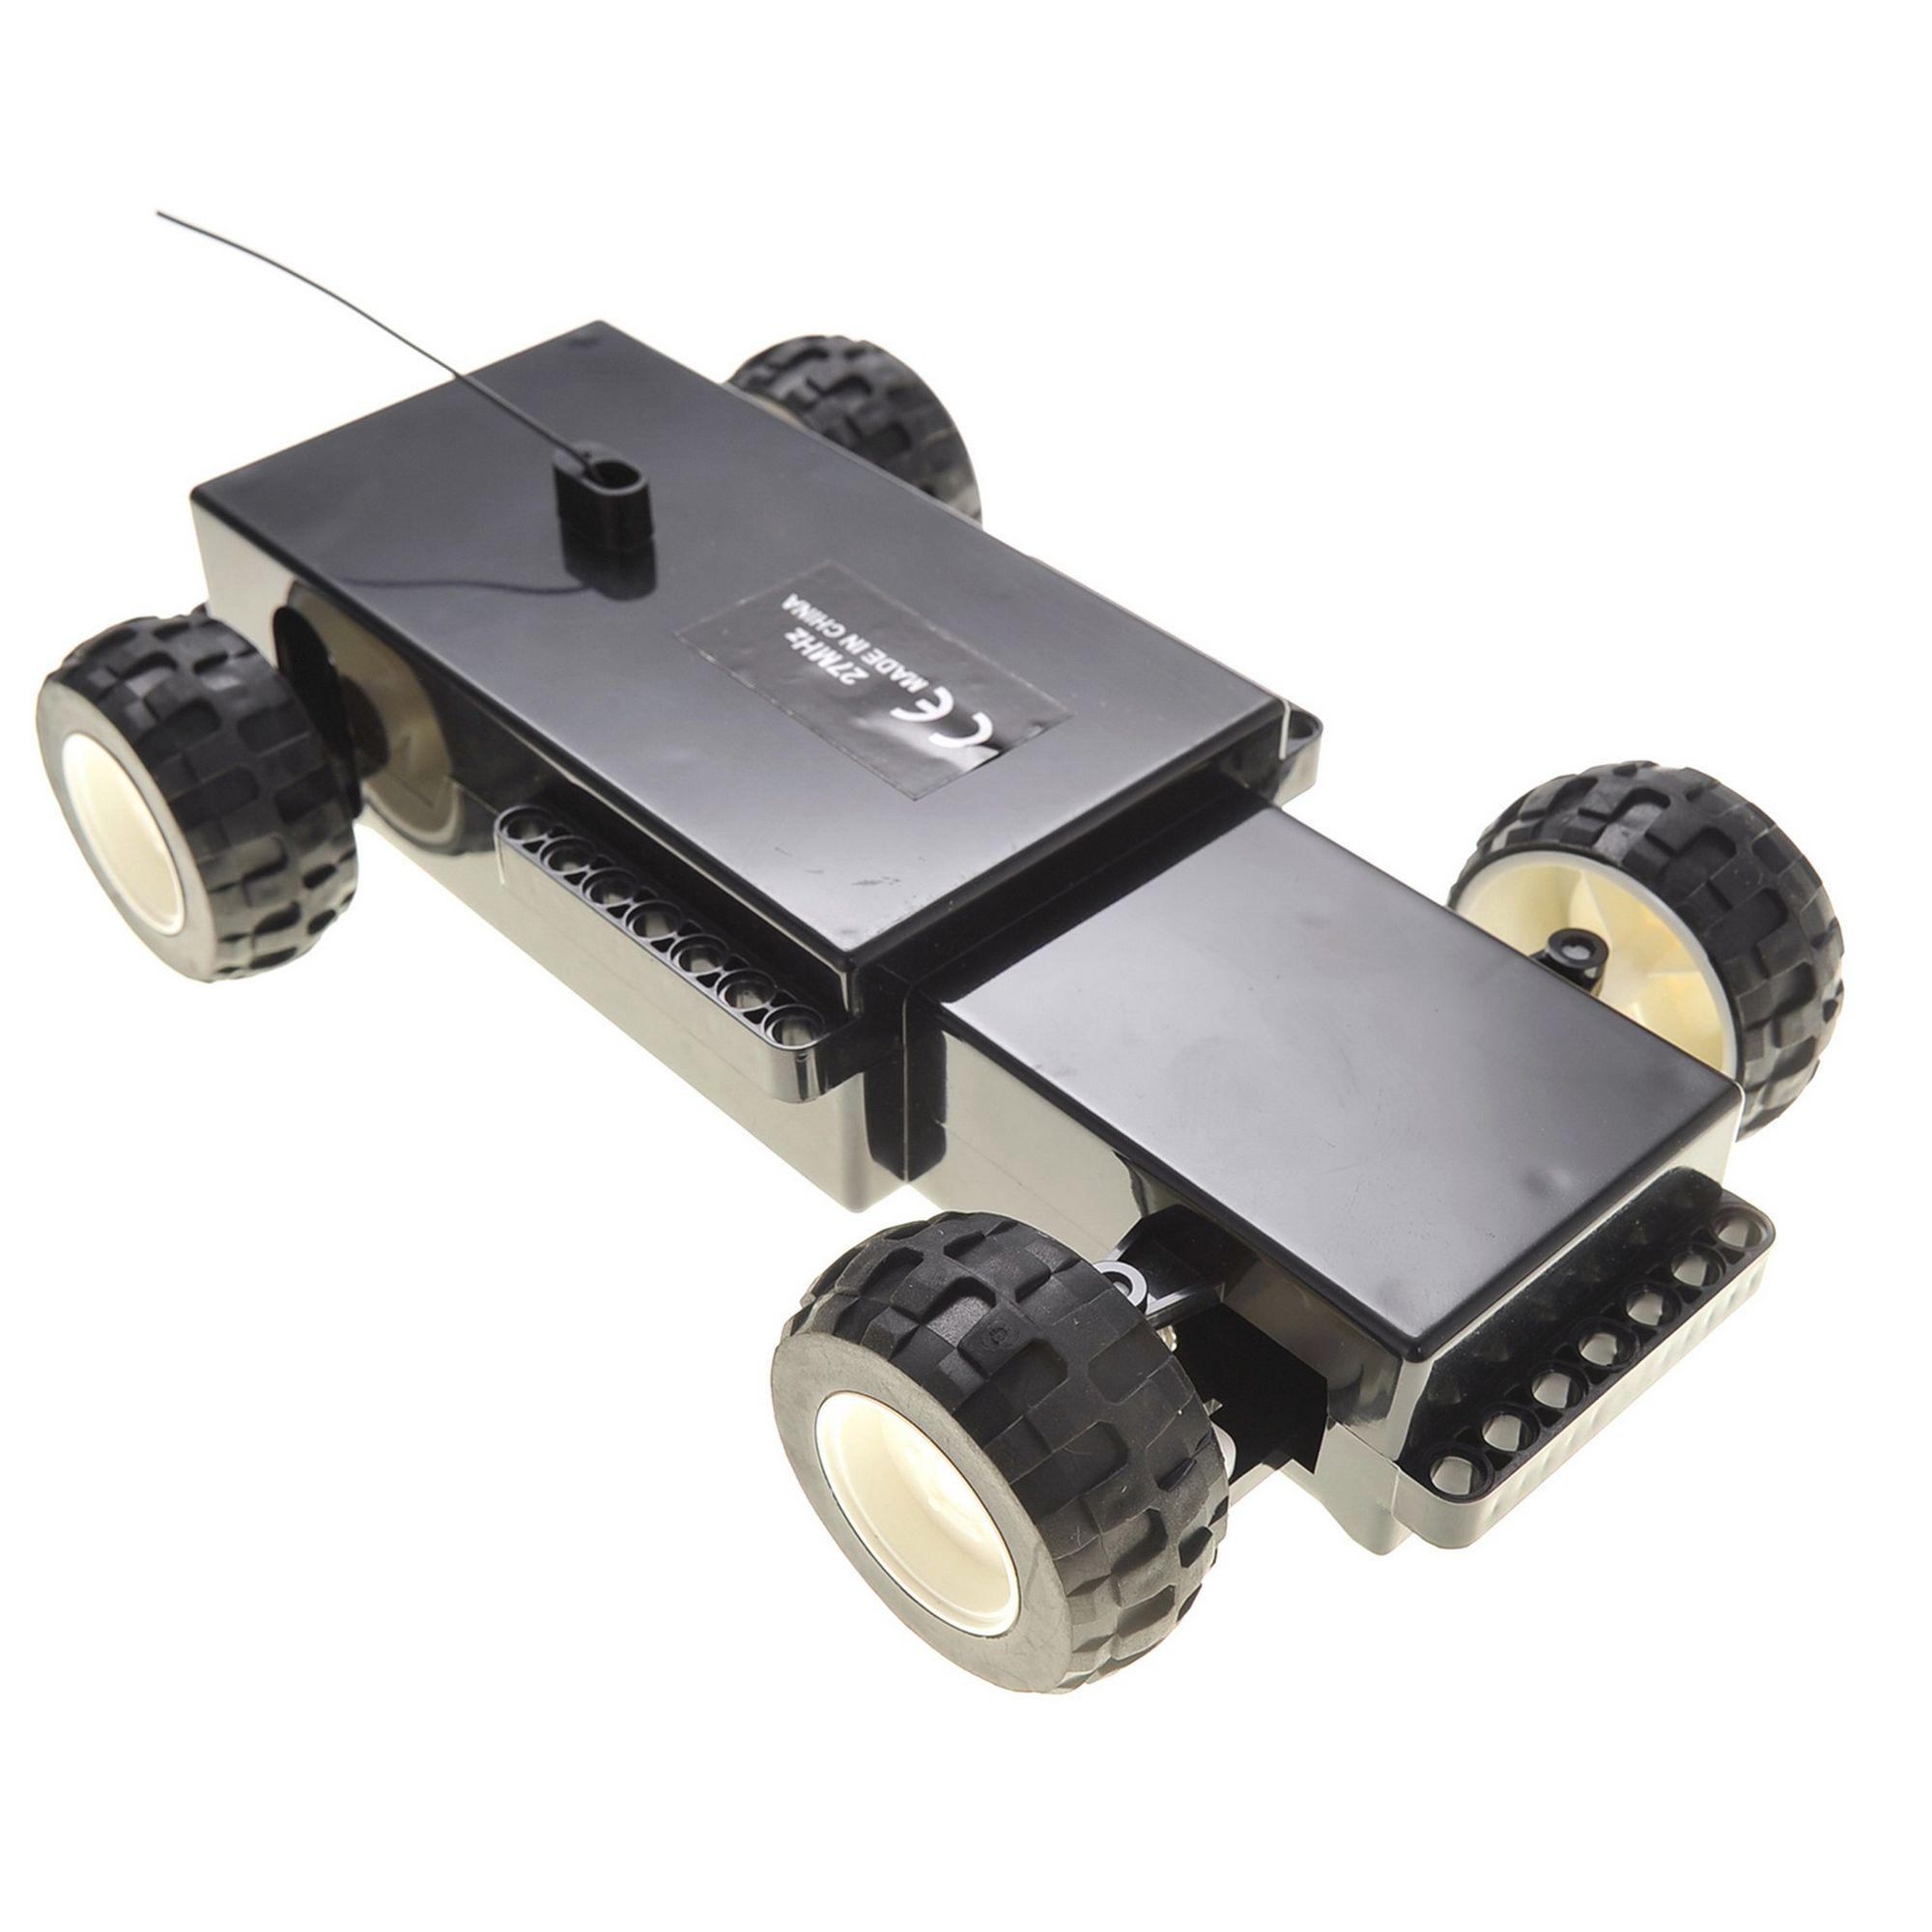 326pc Educational Construction Robot RC Racer Building Set Car Building